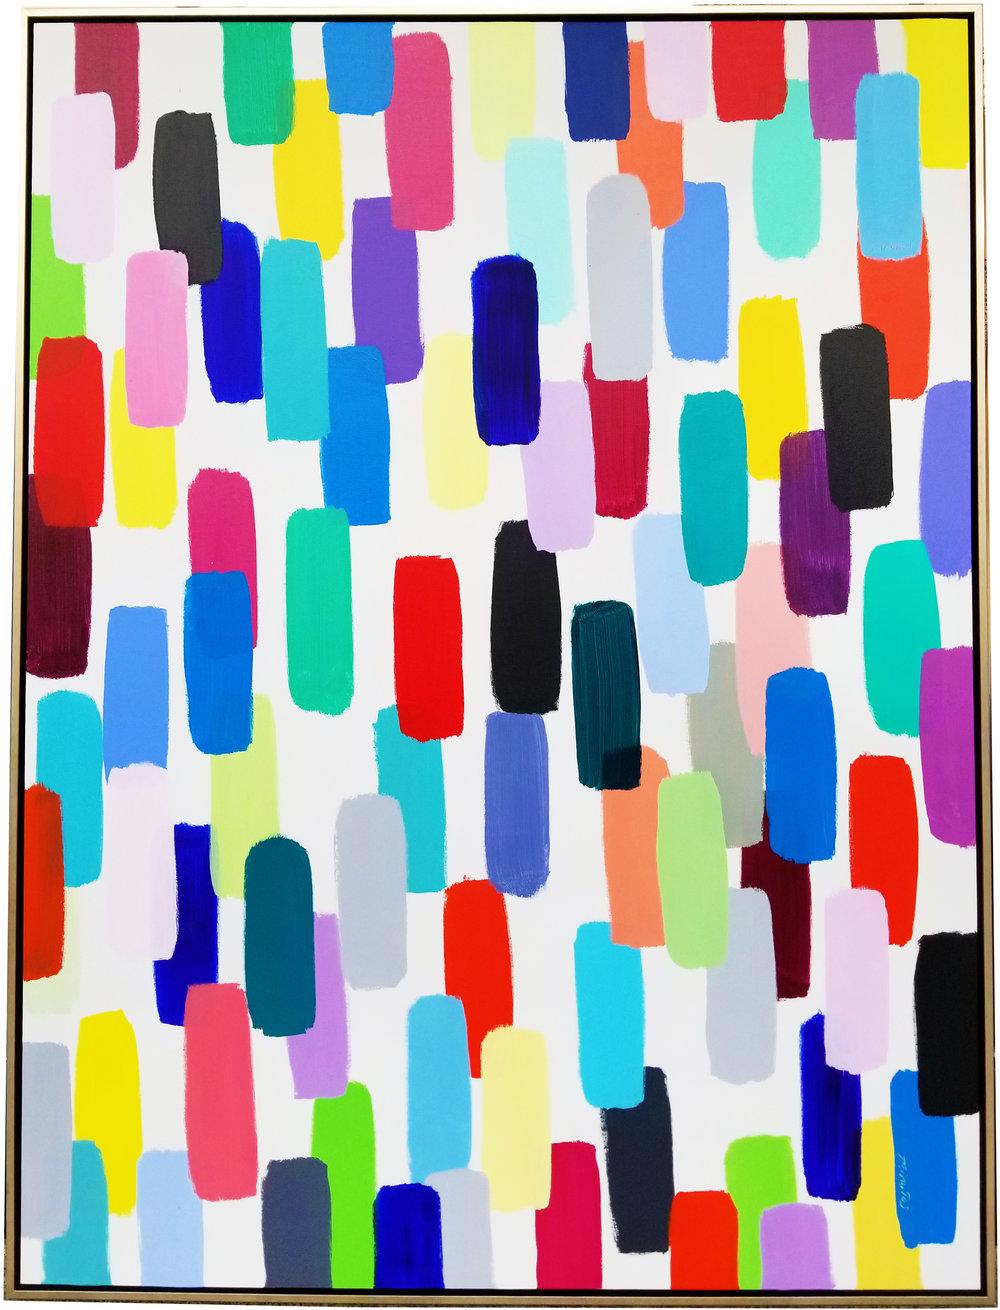 """Jelly Bean #38, 2017, acrylic on canvas, 72"""" x 54"""" (182.9 x 137.2 cm)"""